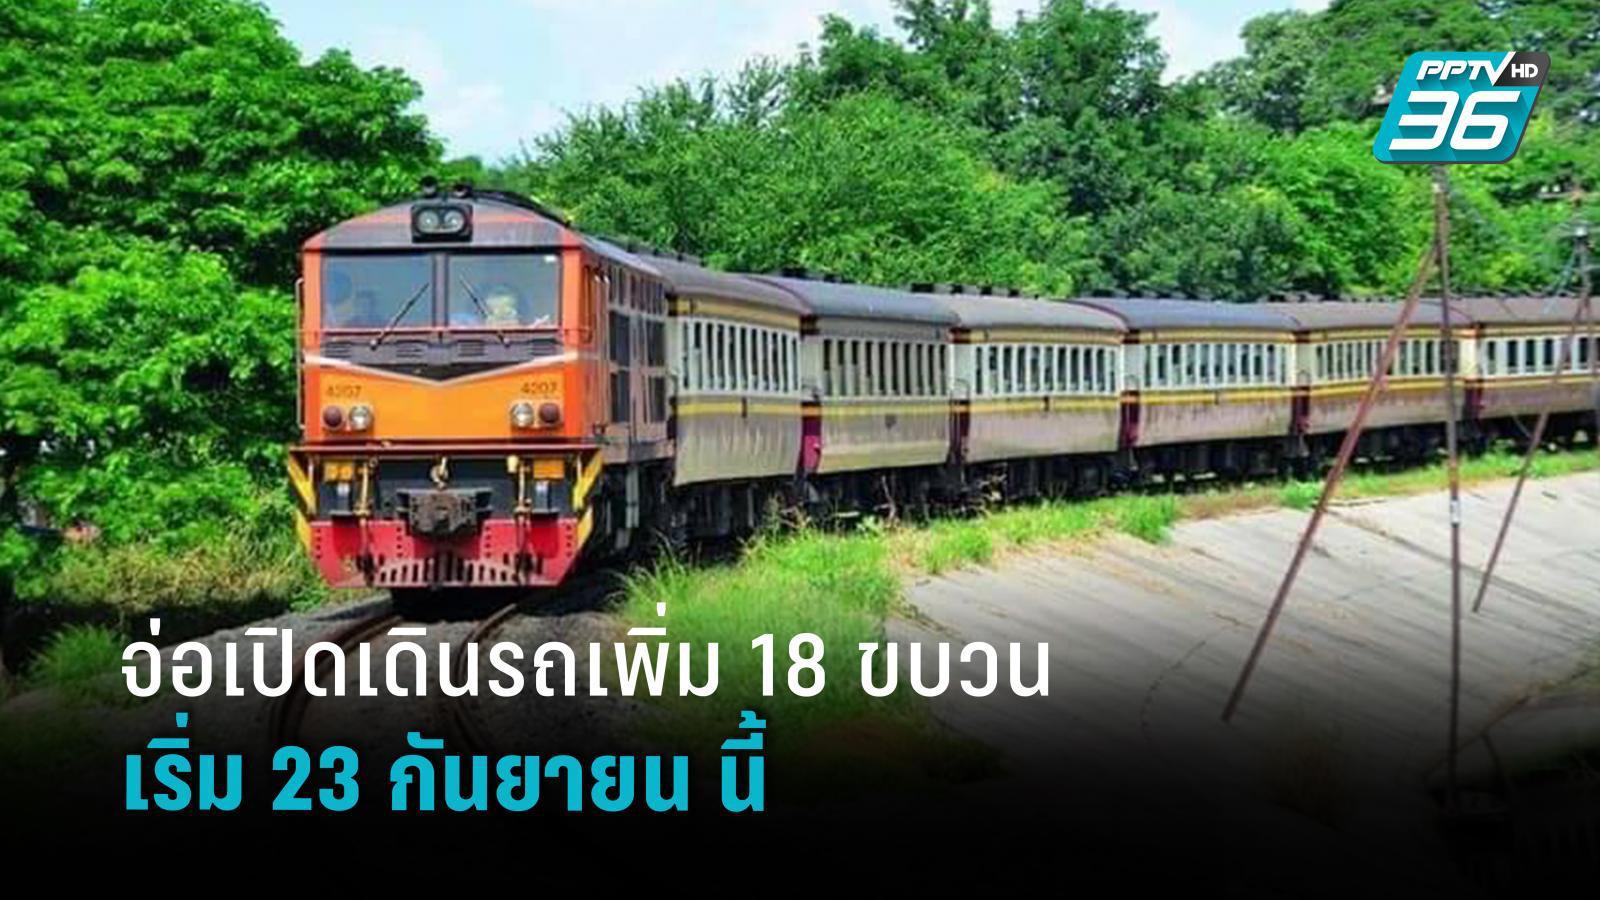 เช็กเส้นทางเลย...! การรถไฟฯ จ่อให้เปิดให้บริการรถเพิ่มอีก 18 ขบวน เริ่ม 23 ก.ย. นี้